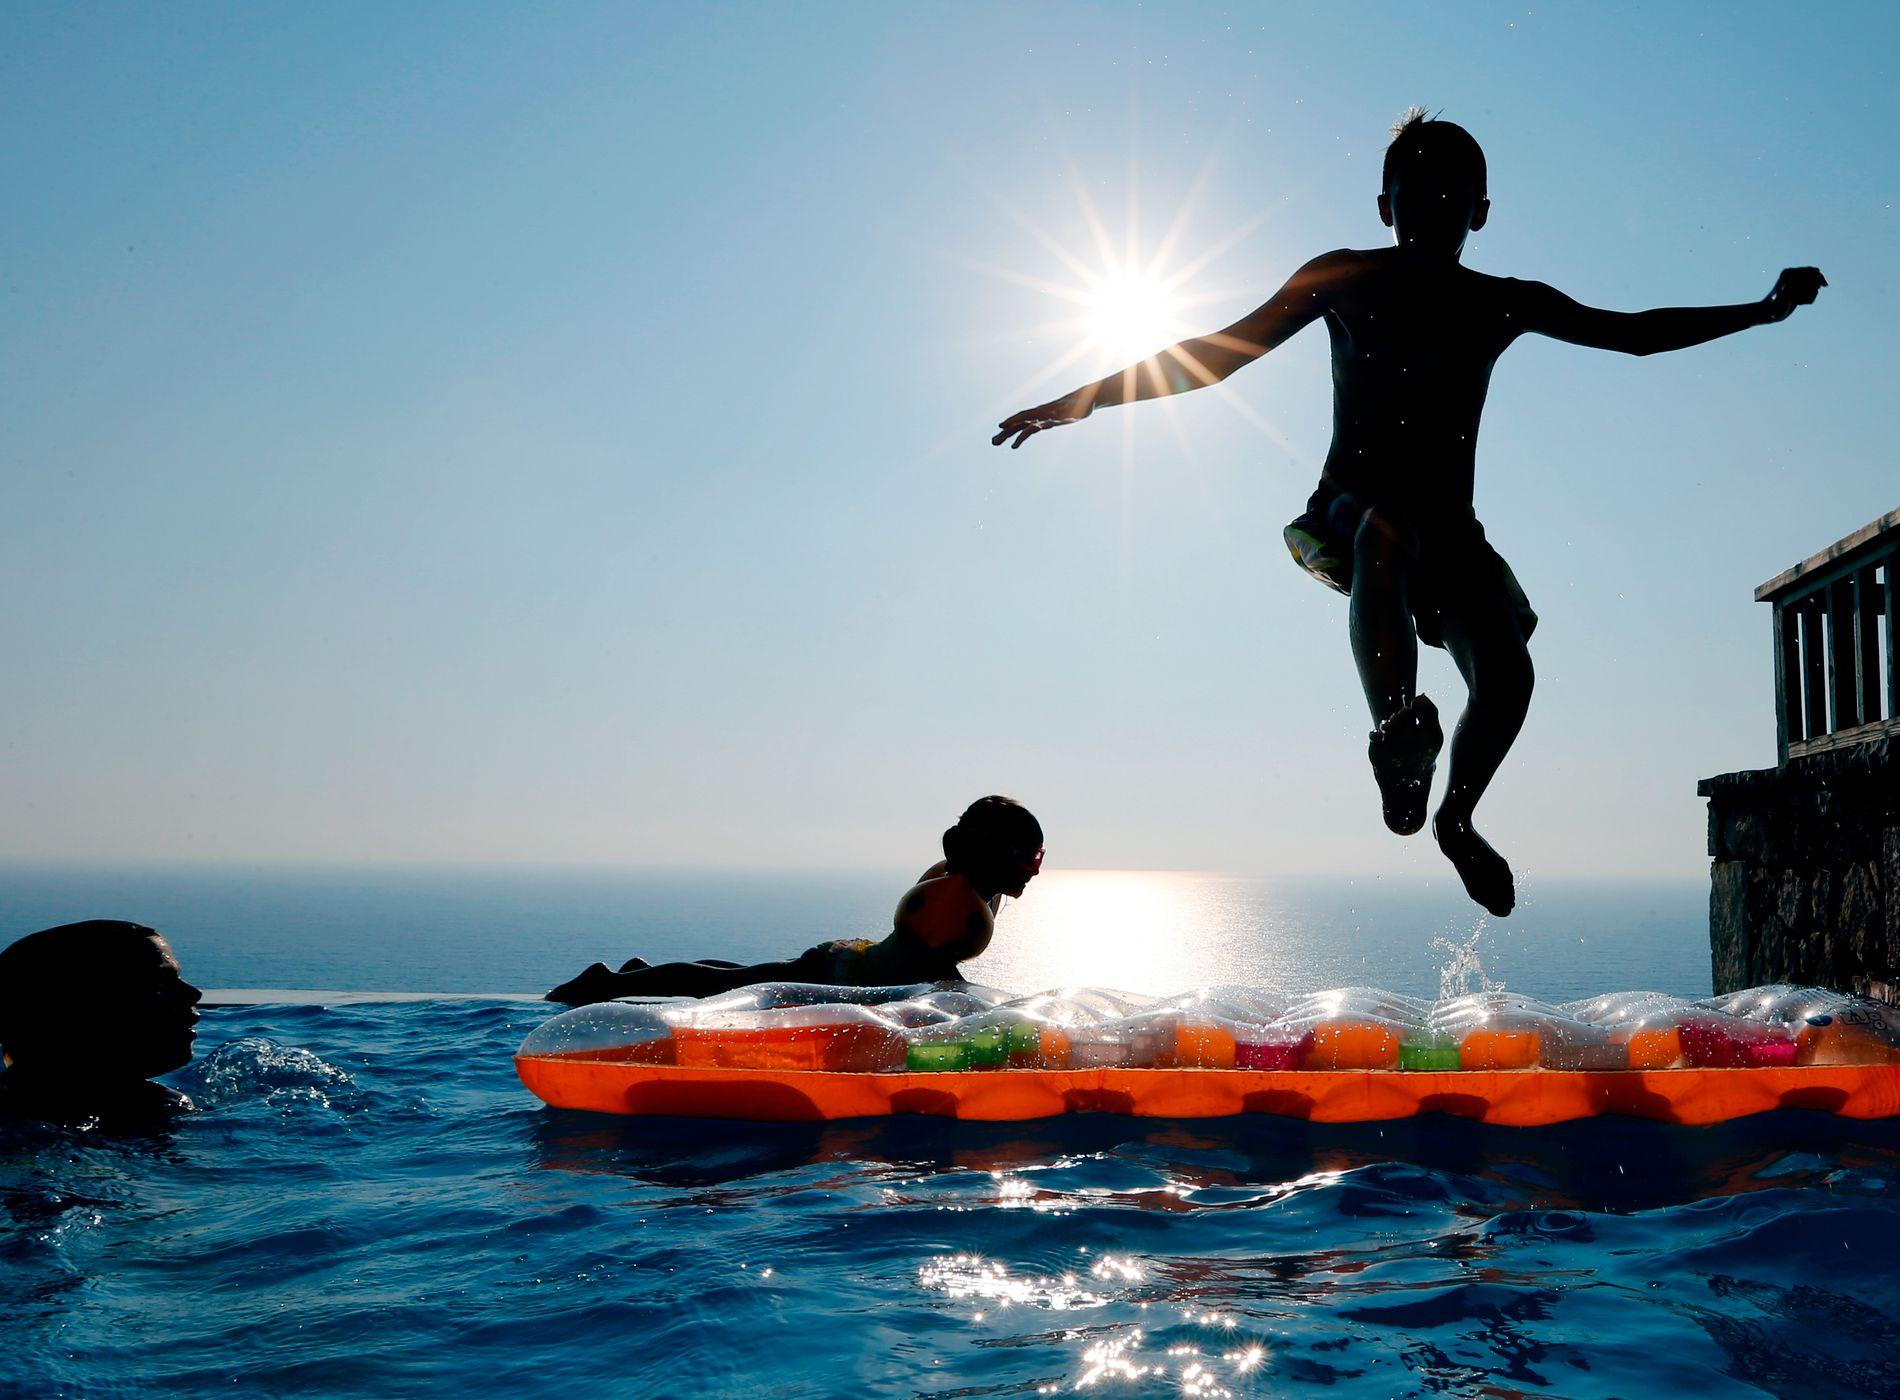 FARLIG MORO: I fjor omkom nesten like mange av drukning som i trafikken. Bergens Tidende etterlyser bedre svømmeopplæring på lederplass.